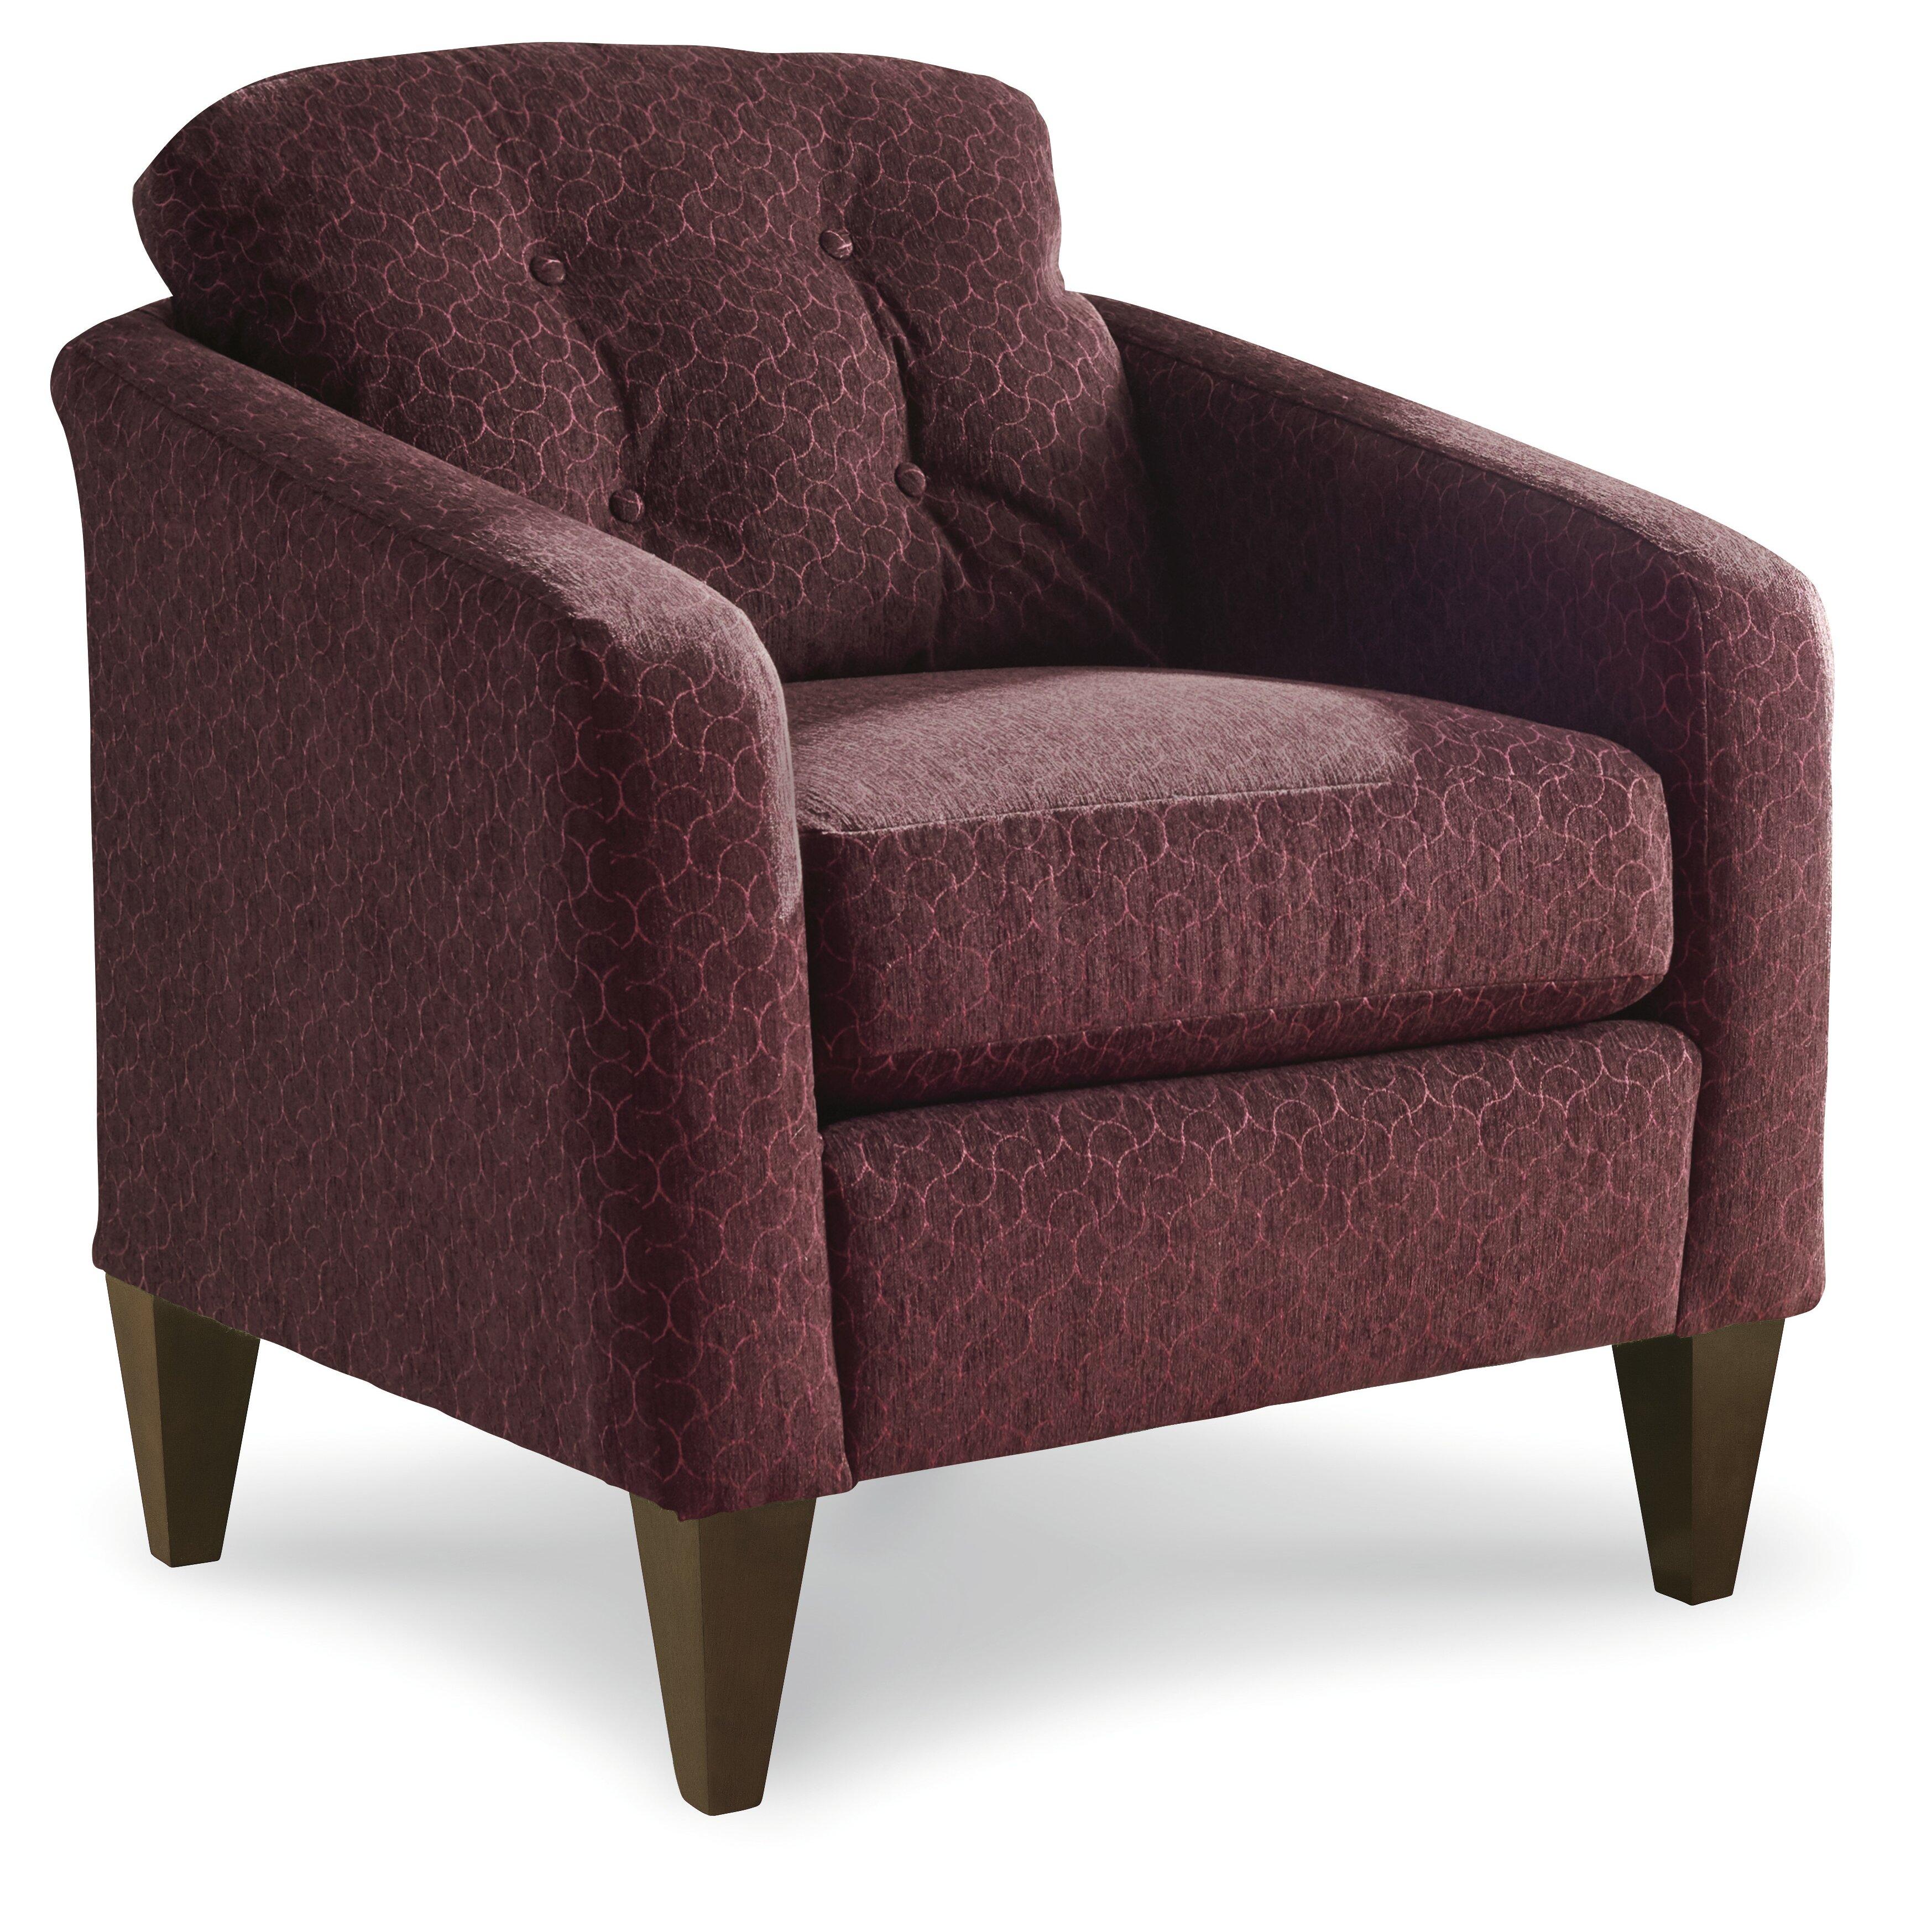 La z boy jazz premier lounge chair wayfair for Boys lounge chair